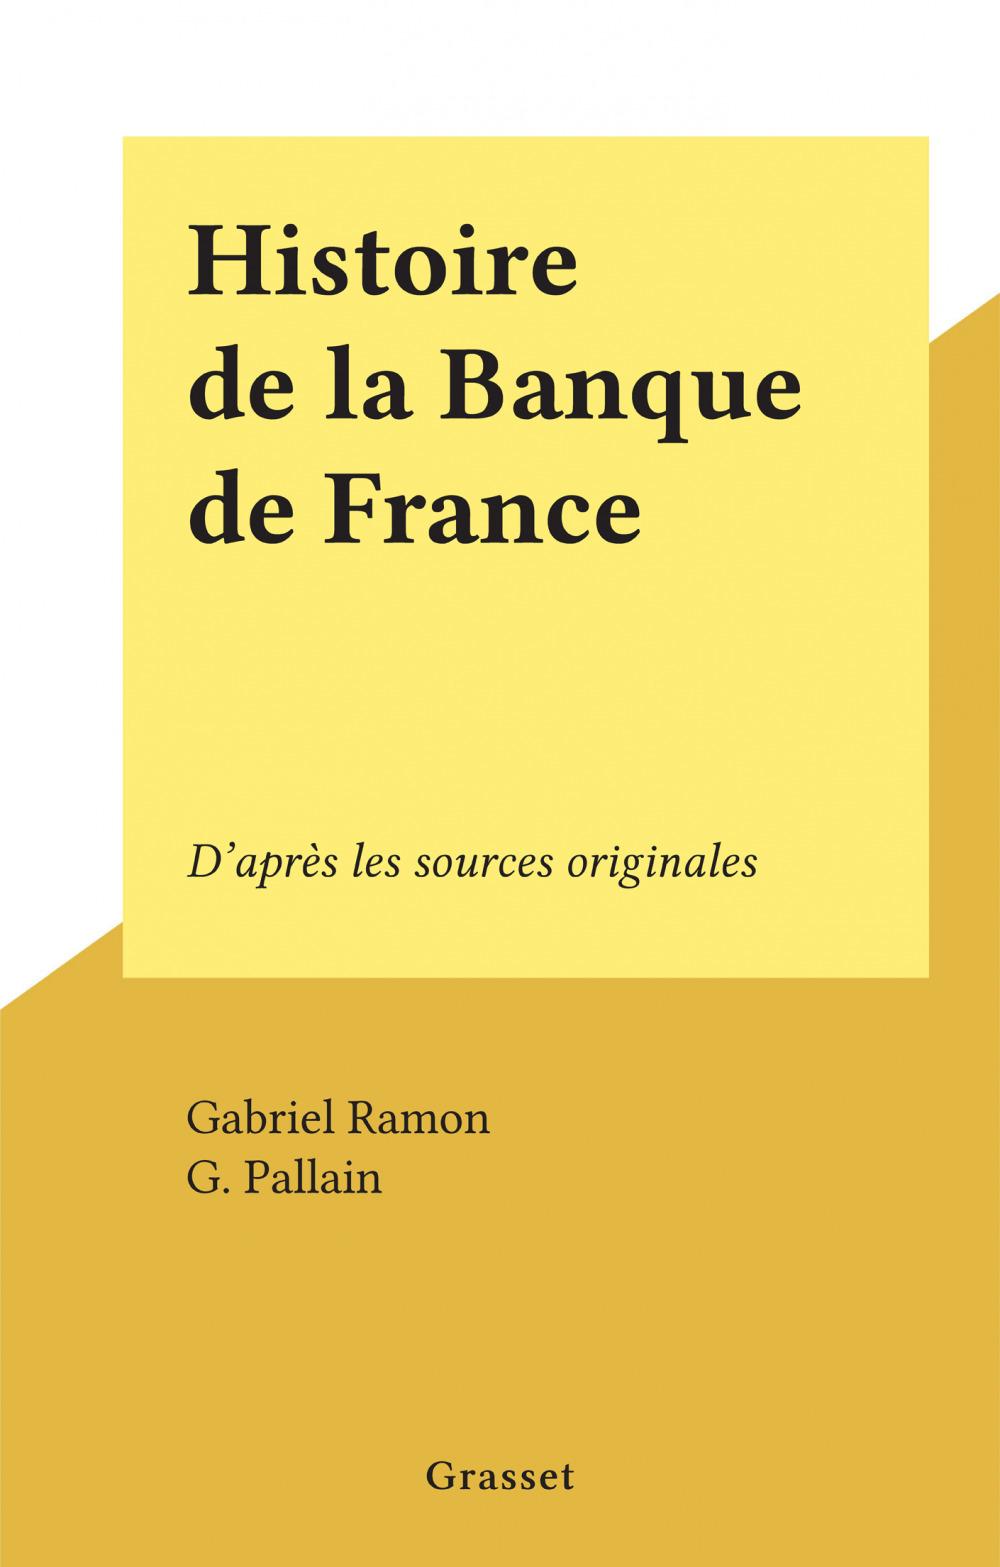 Histoire de la Banque de France